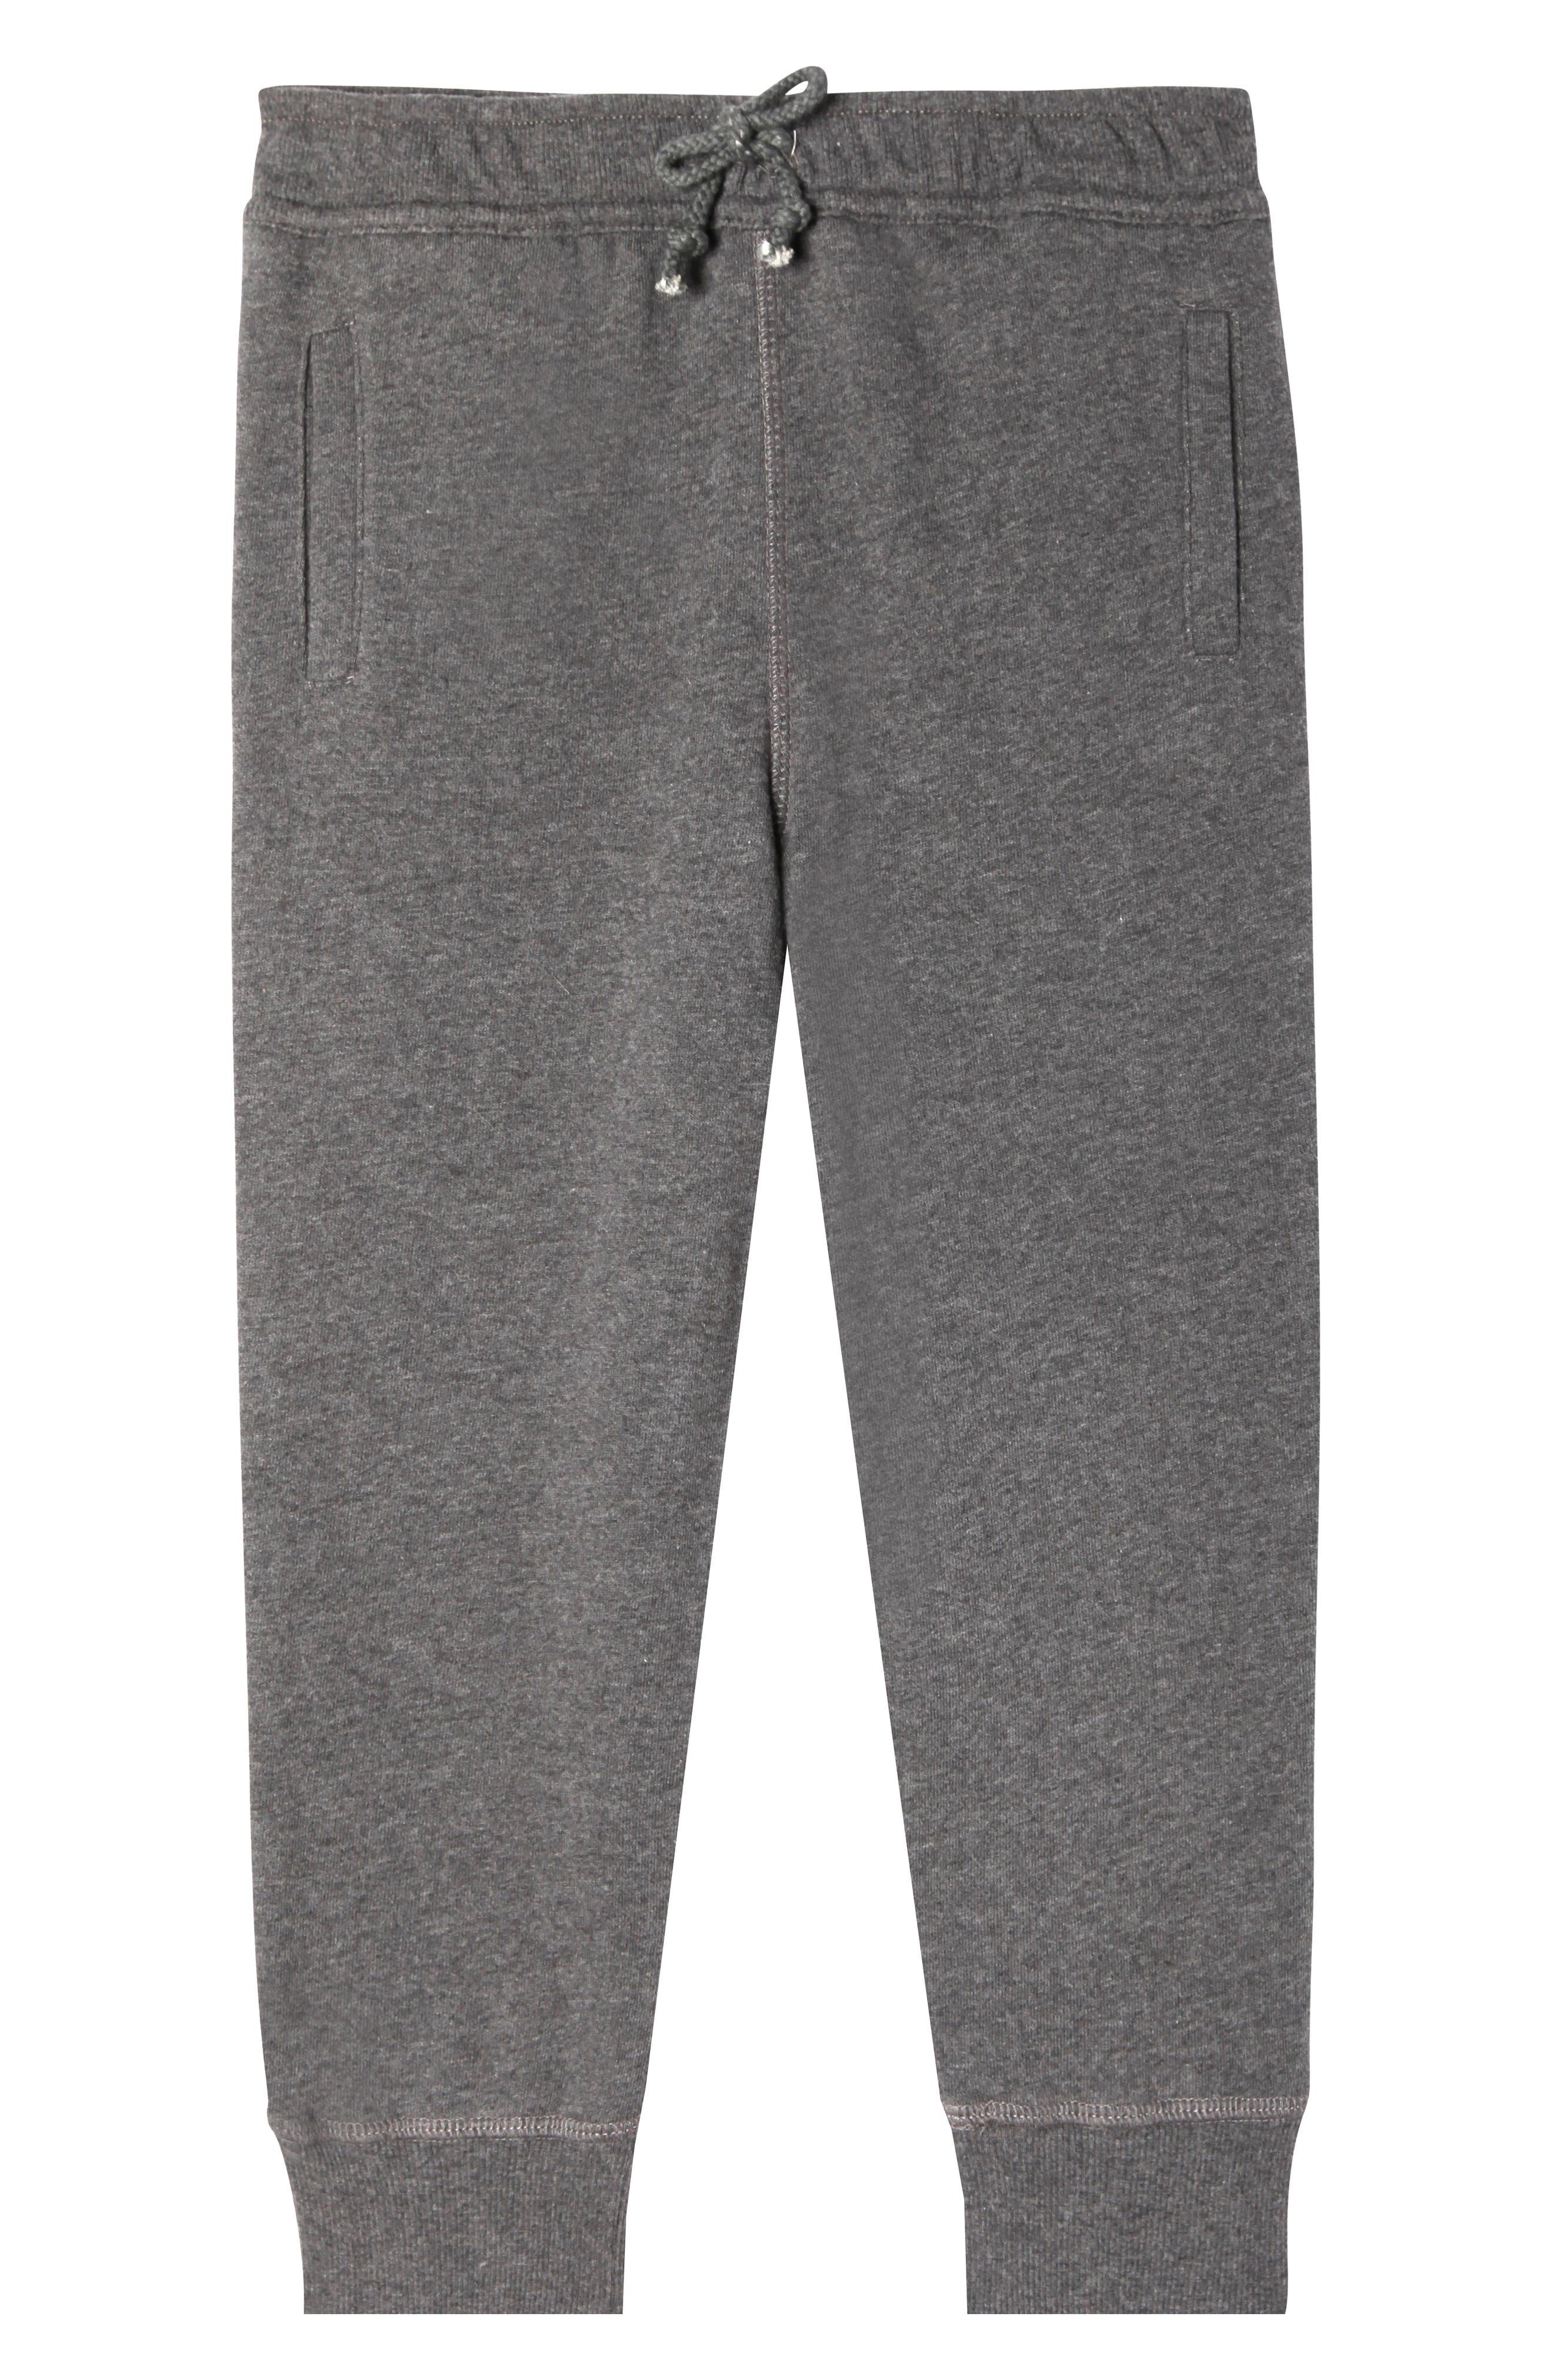 Mercer Jogger Pants,                         Main,                         color, DARK GREY